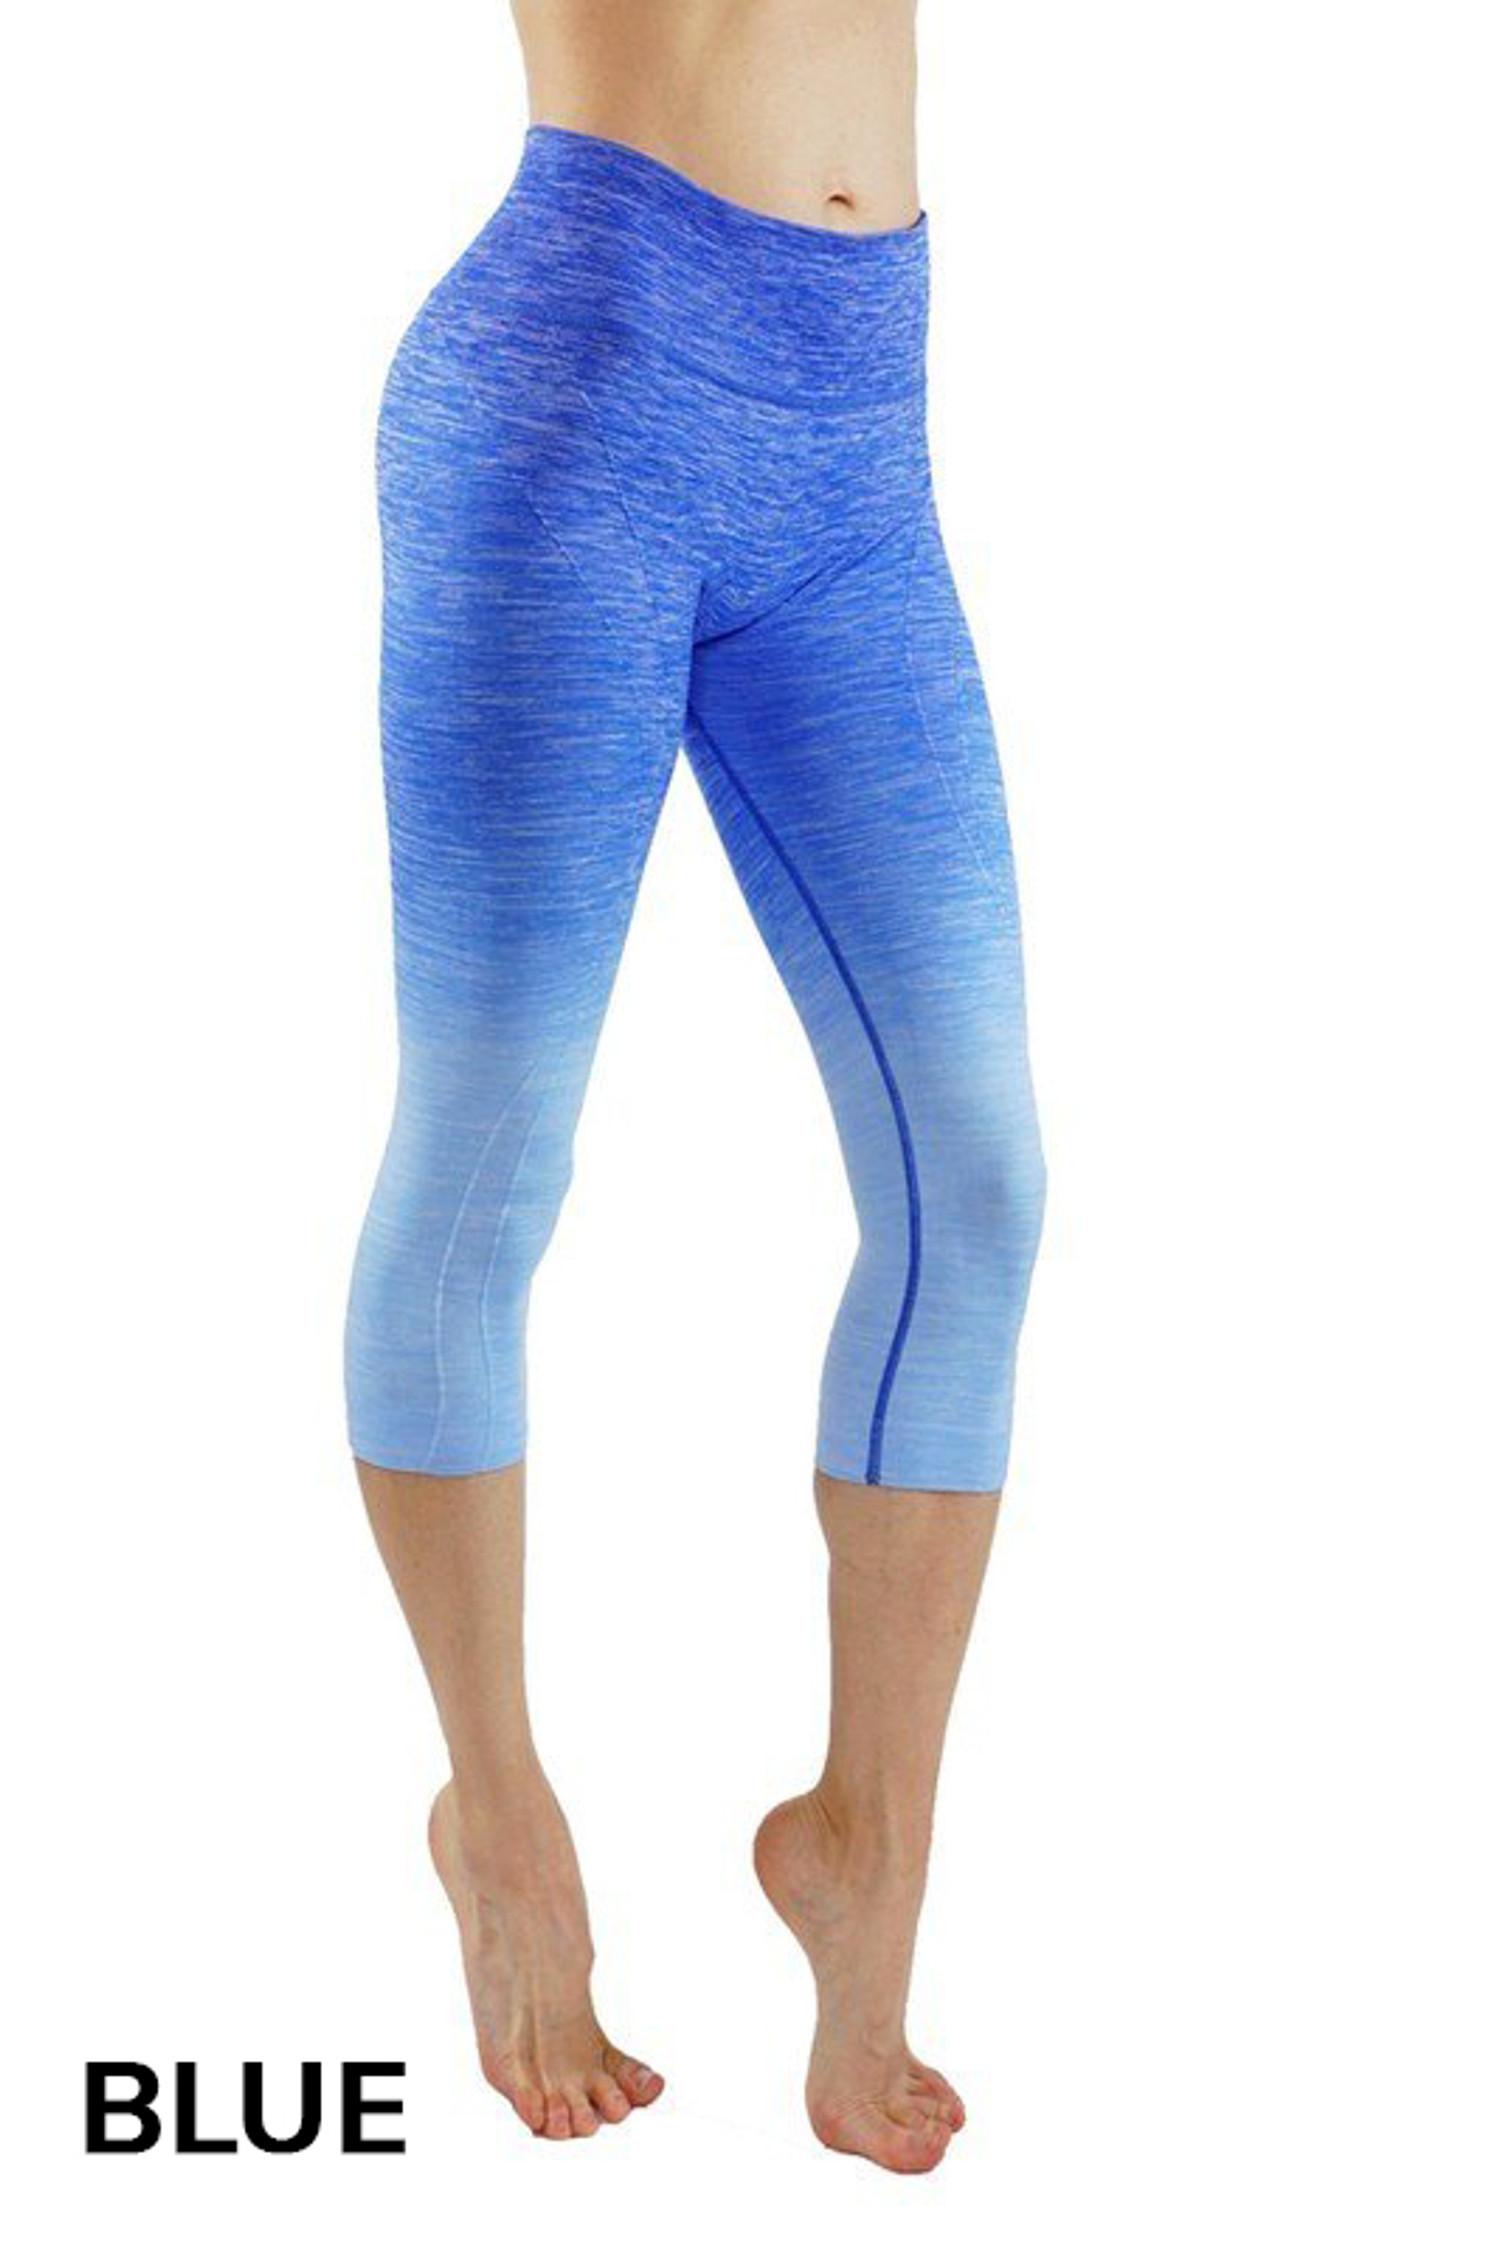 Blue Ombre Fusion Workout Plus Size Capris